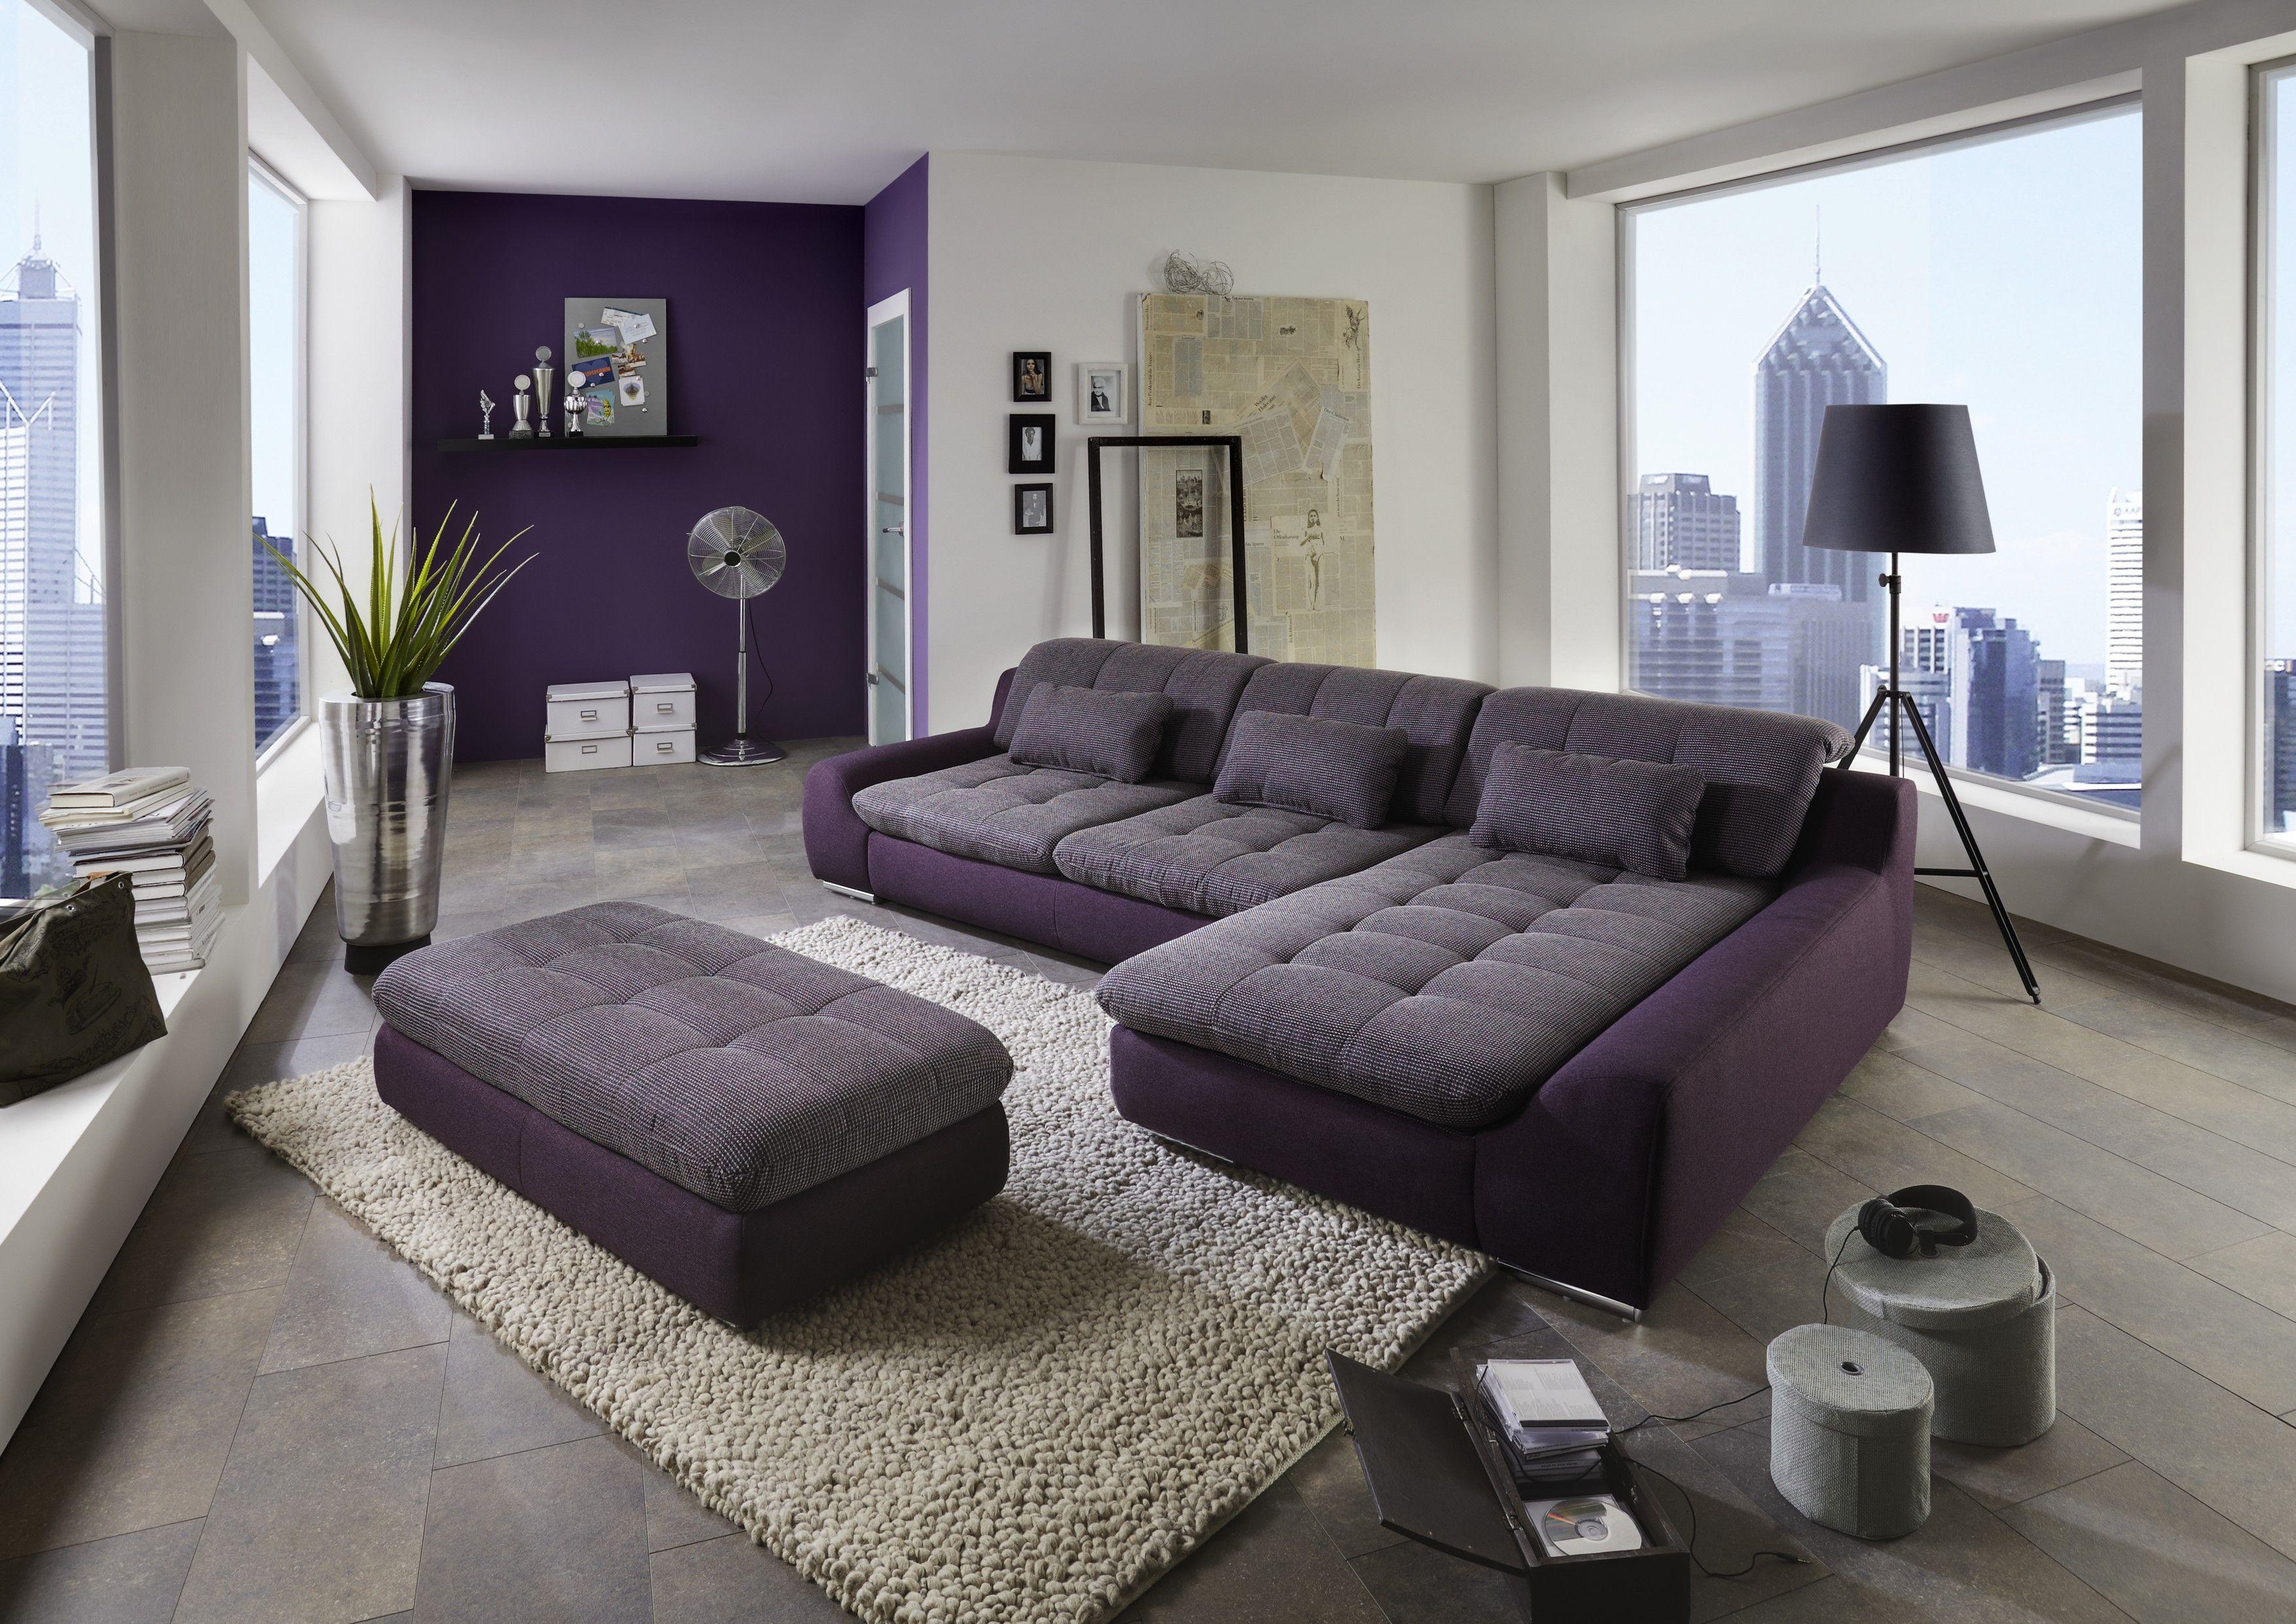 wandgestaltung wohnzimmer aubergine : Wohnlandschaft In Webstoff Aubergine Lila Woody 80 00026 Polyester